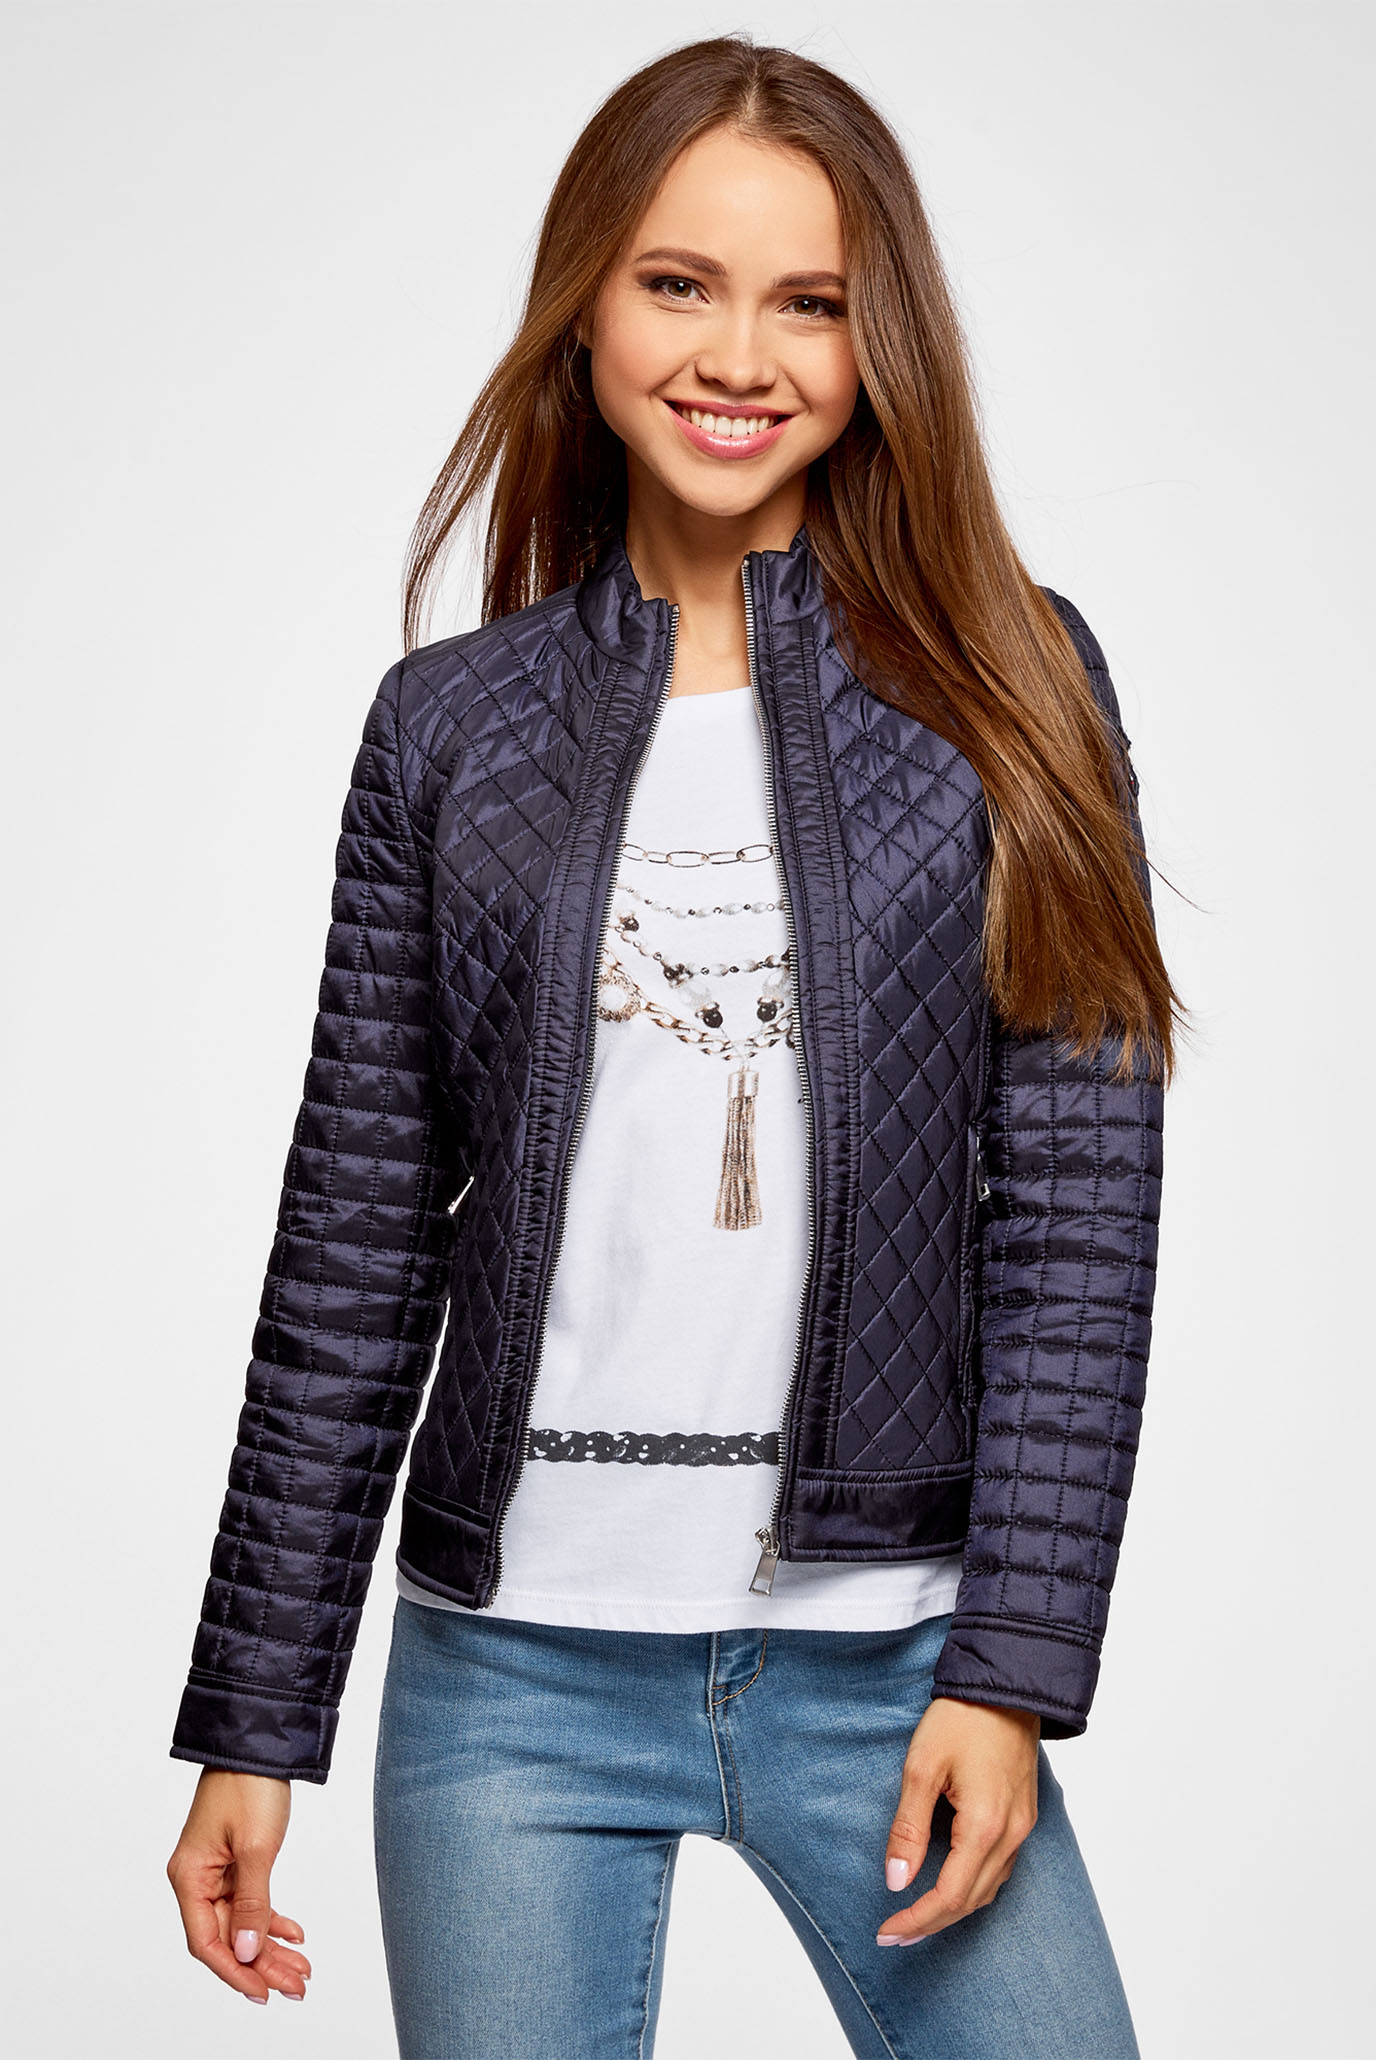 aeca7bdccf6 Купить Женская синяя стеганая куртка Oodji Oodji 28304005 45684 7900N –  Киев